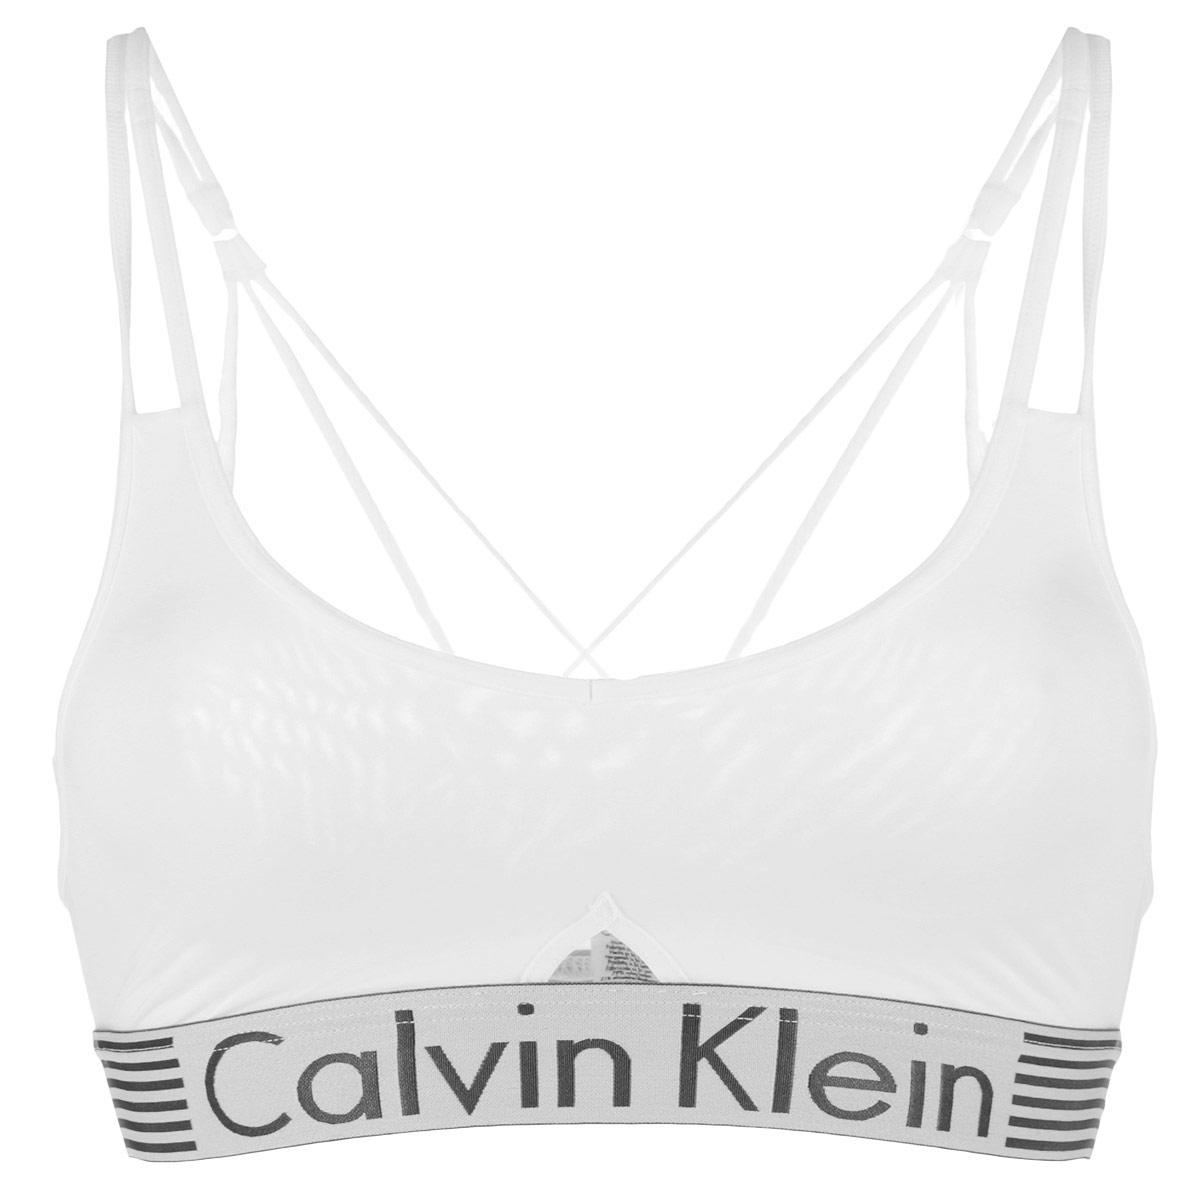 Топ-бра. QF1537EQF1537EУдобный и практичный топ-бра Calvin Klein, выполненный из высококачественного эластичного полиамида, идеально подойдет для активного отдыха и занятий фитнесом, а также для повседневной носки. Модель на тонких бретелях имеет широкий эластичный пояс, украшенный логотипом производителя. Тонкие несъемные бретельки надежно фиксируют топ на плечах. Такая модель подарит вам комфорт в течение дня и станет отличным дополнением к вашему гардеробу.